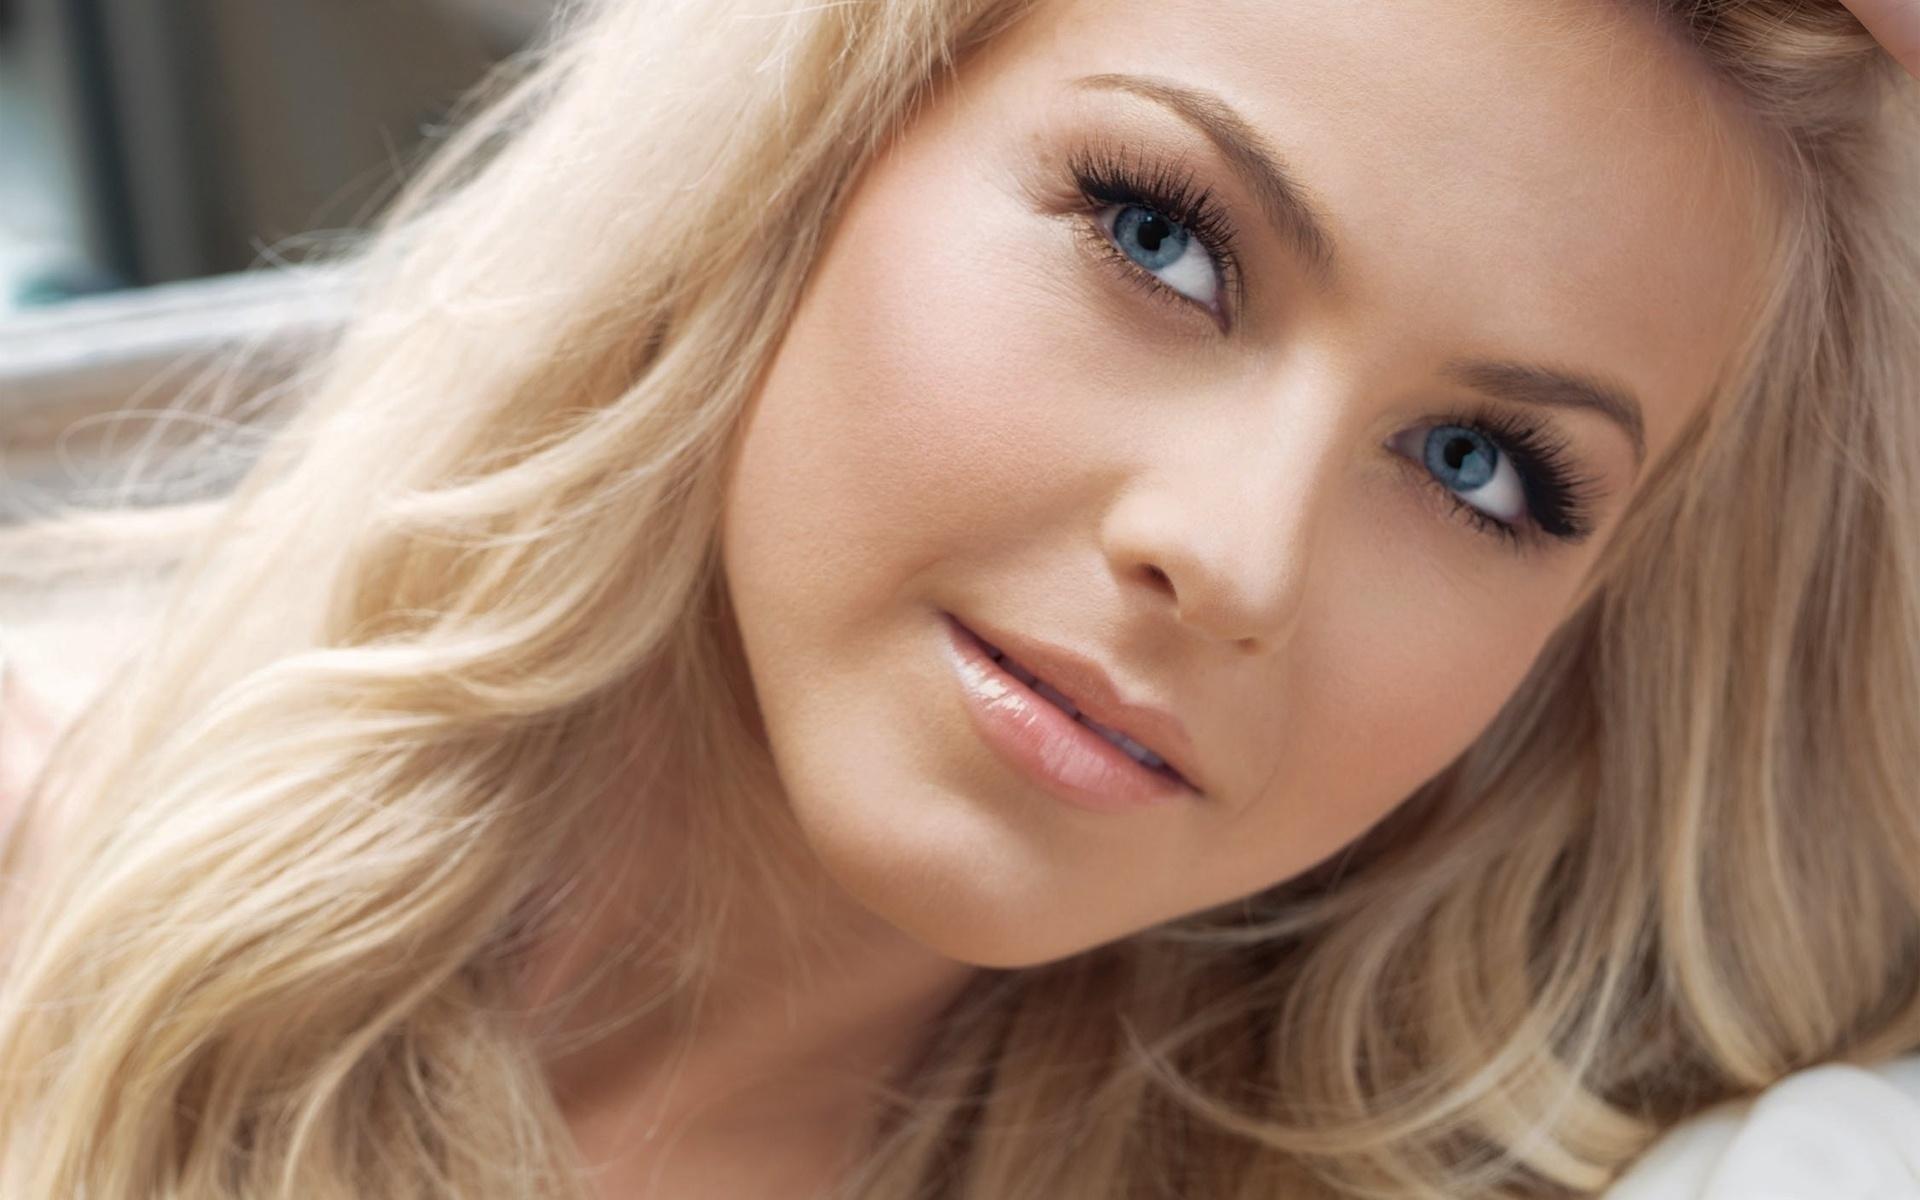 Красавица блондинка картинки